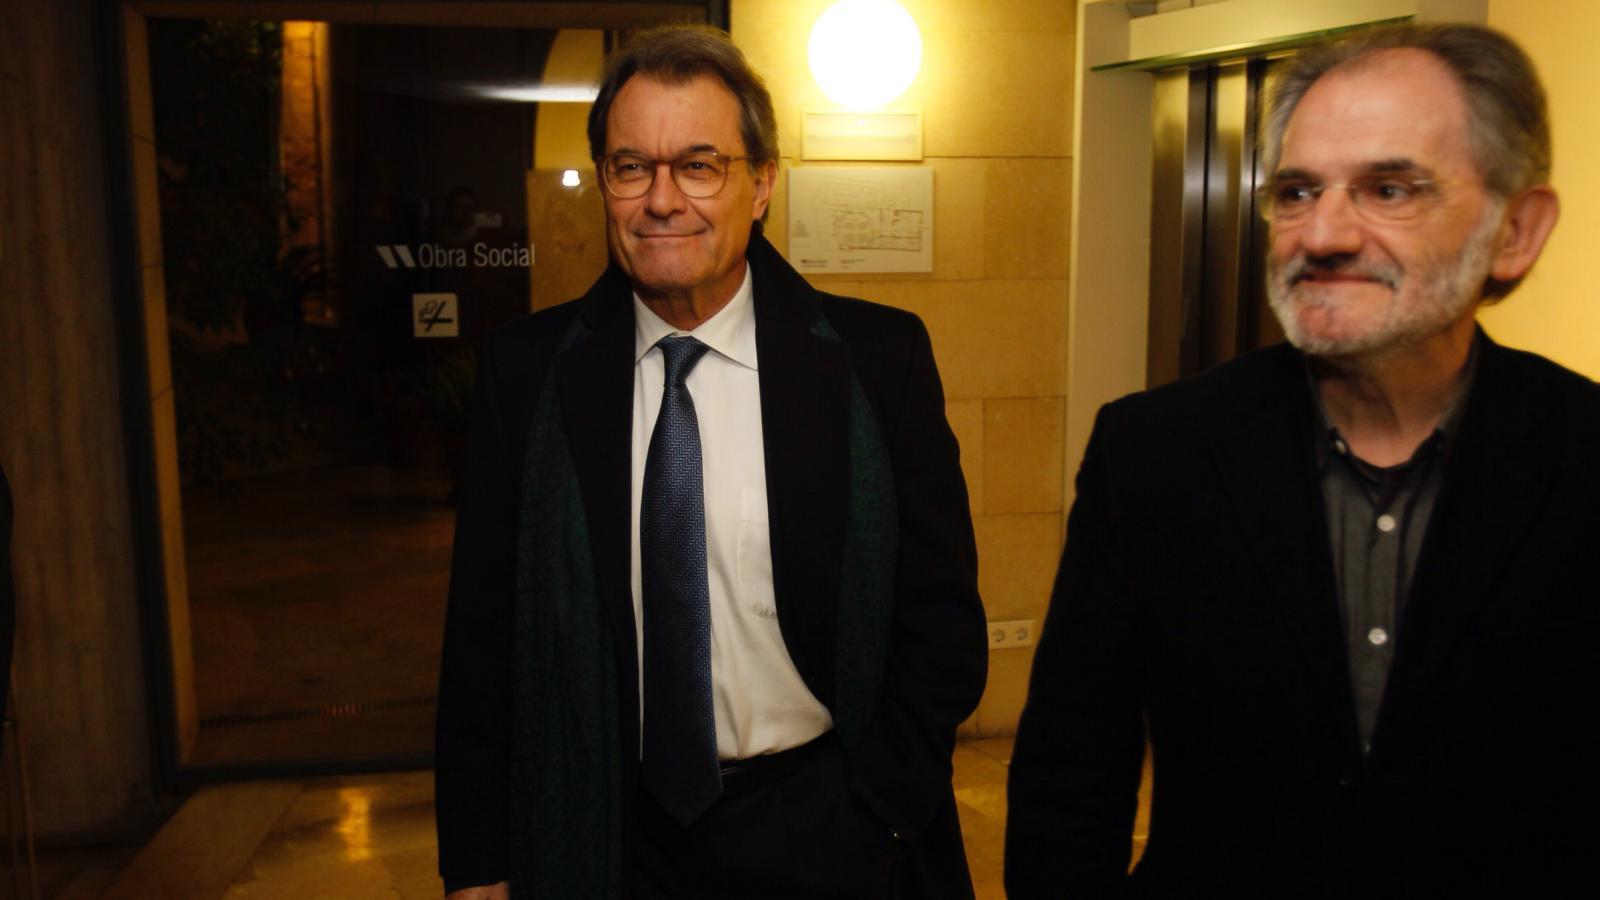 Mas arrivant a la sala acompanyat del president de l'OCB, Jaume Mateu. / ISAAC BUJ